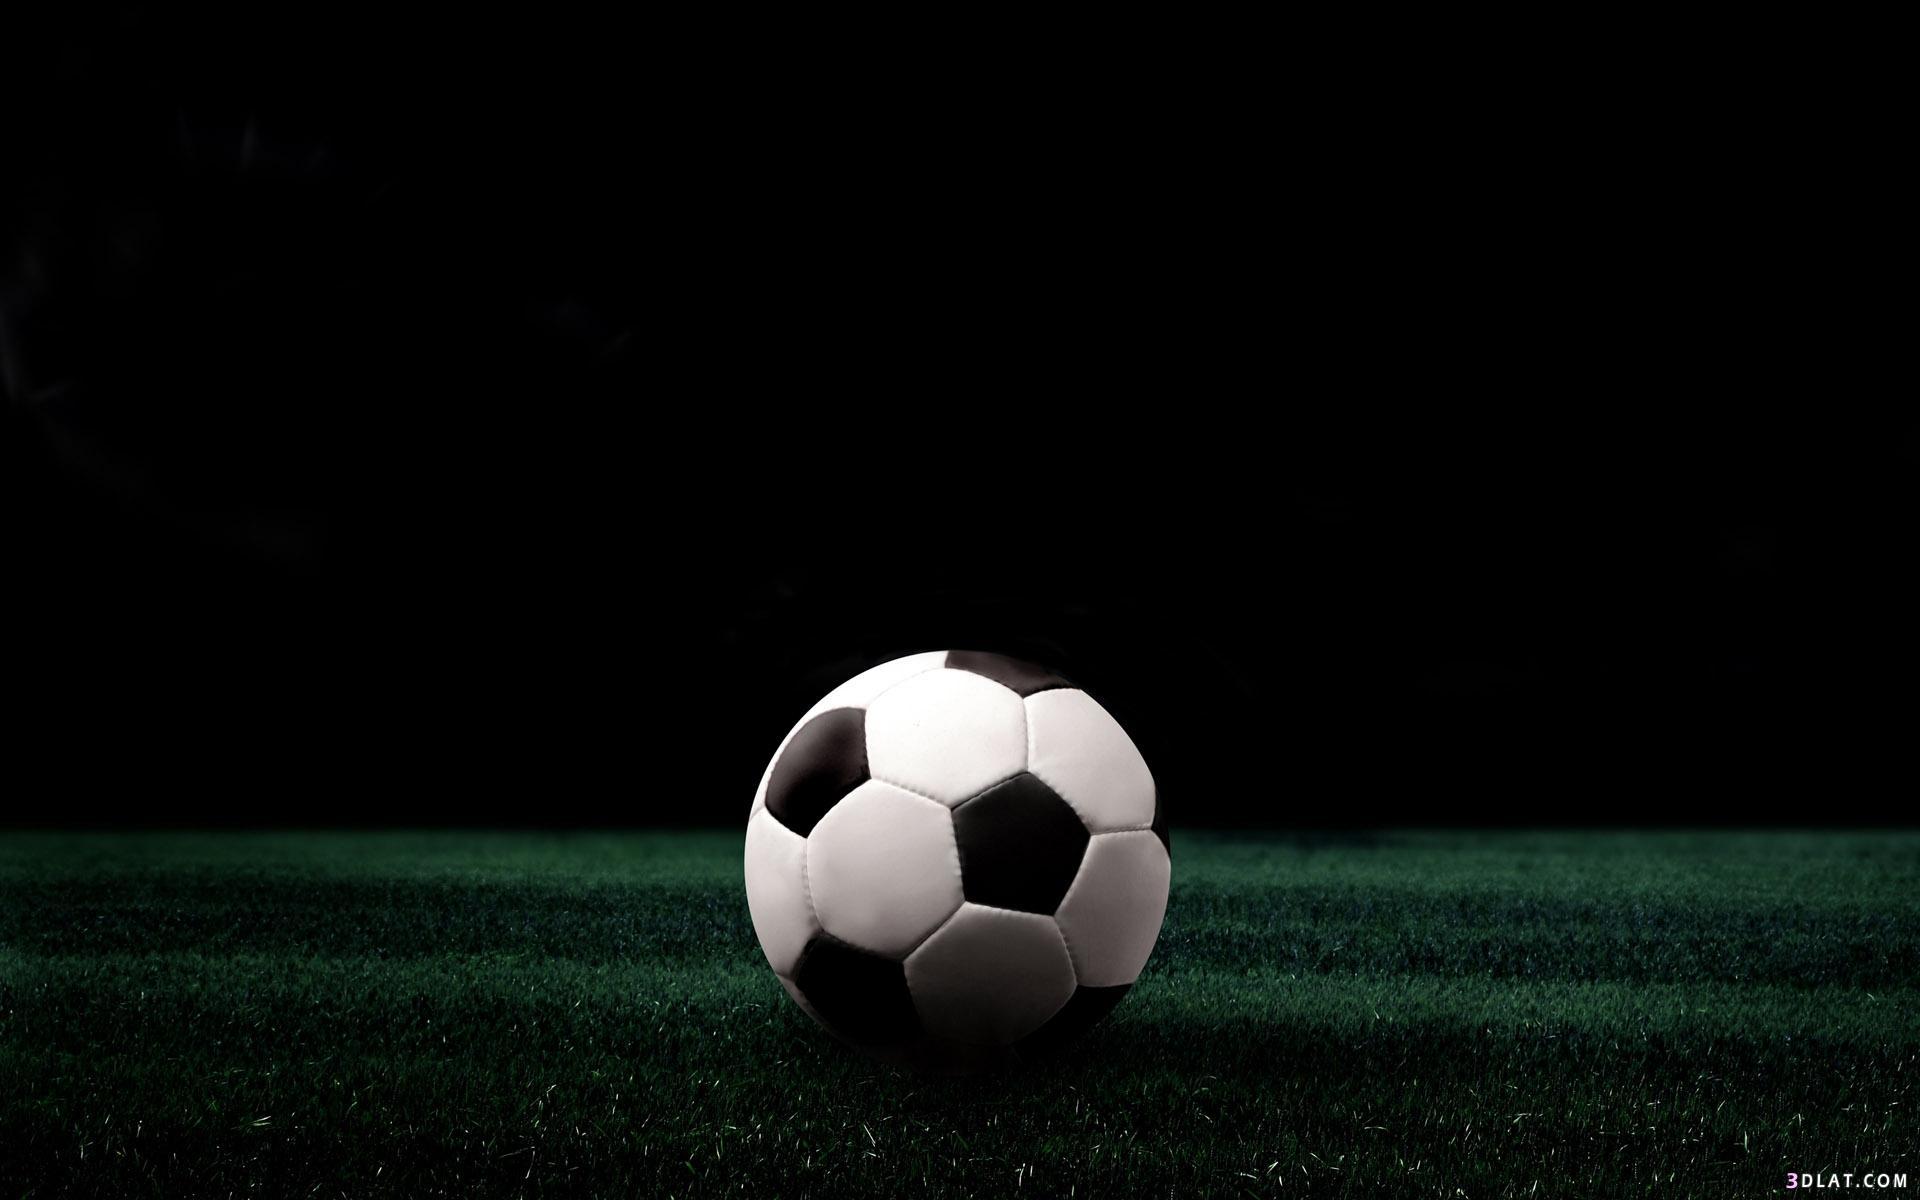 لعبة كرة القدم اون لاين